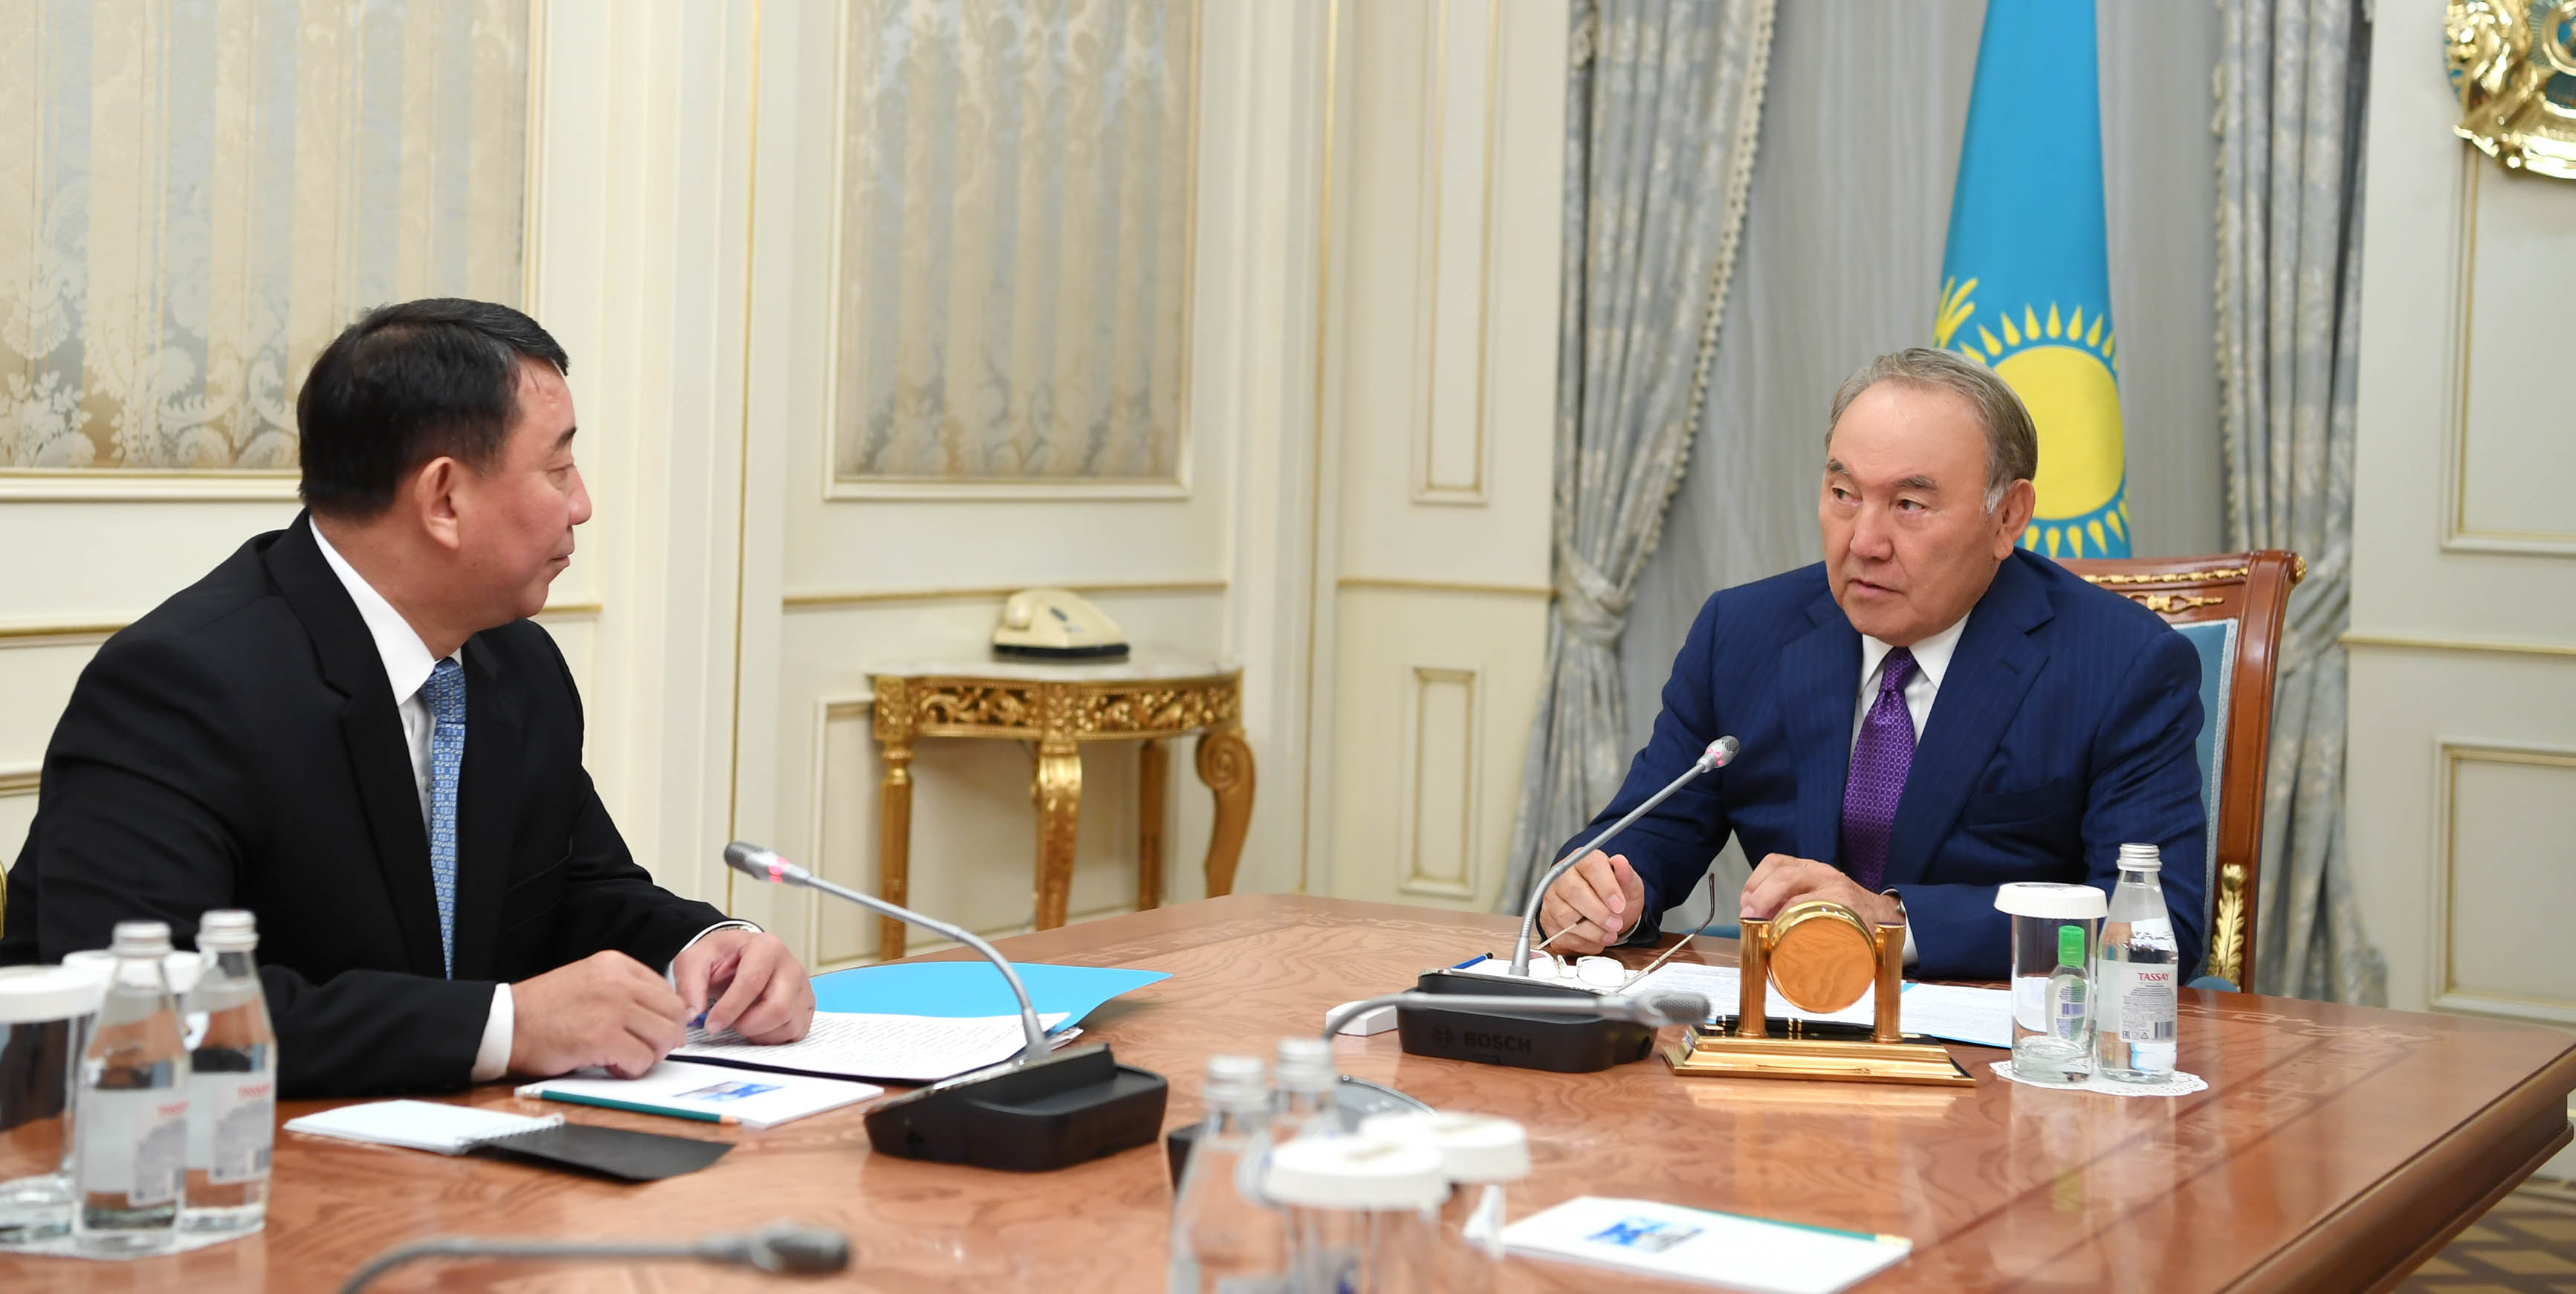 Президент РК: «Необходим постоянный контроль за приверженцами террористических идей»